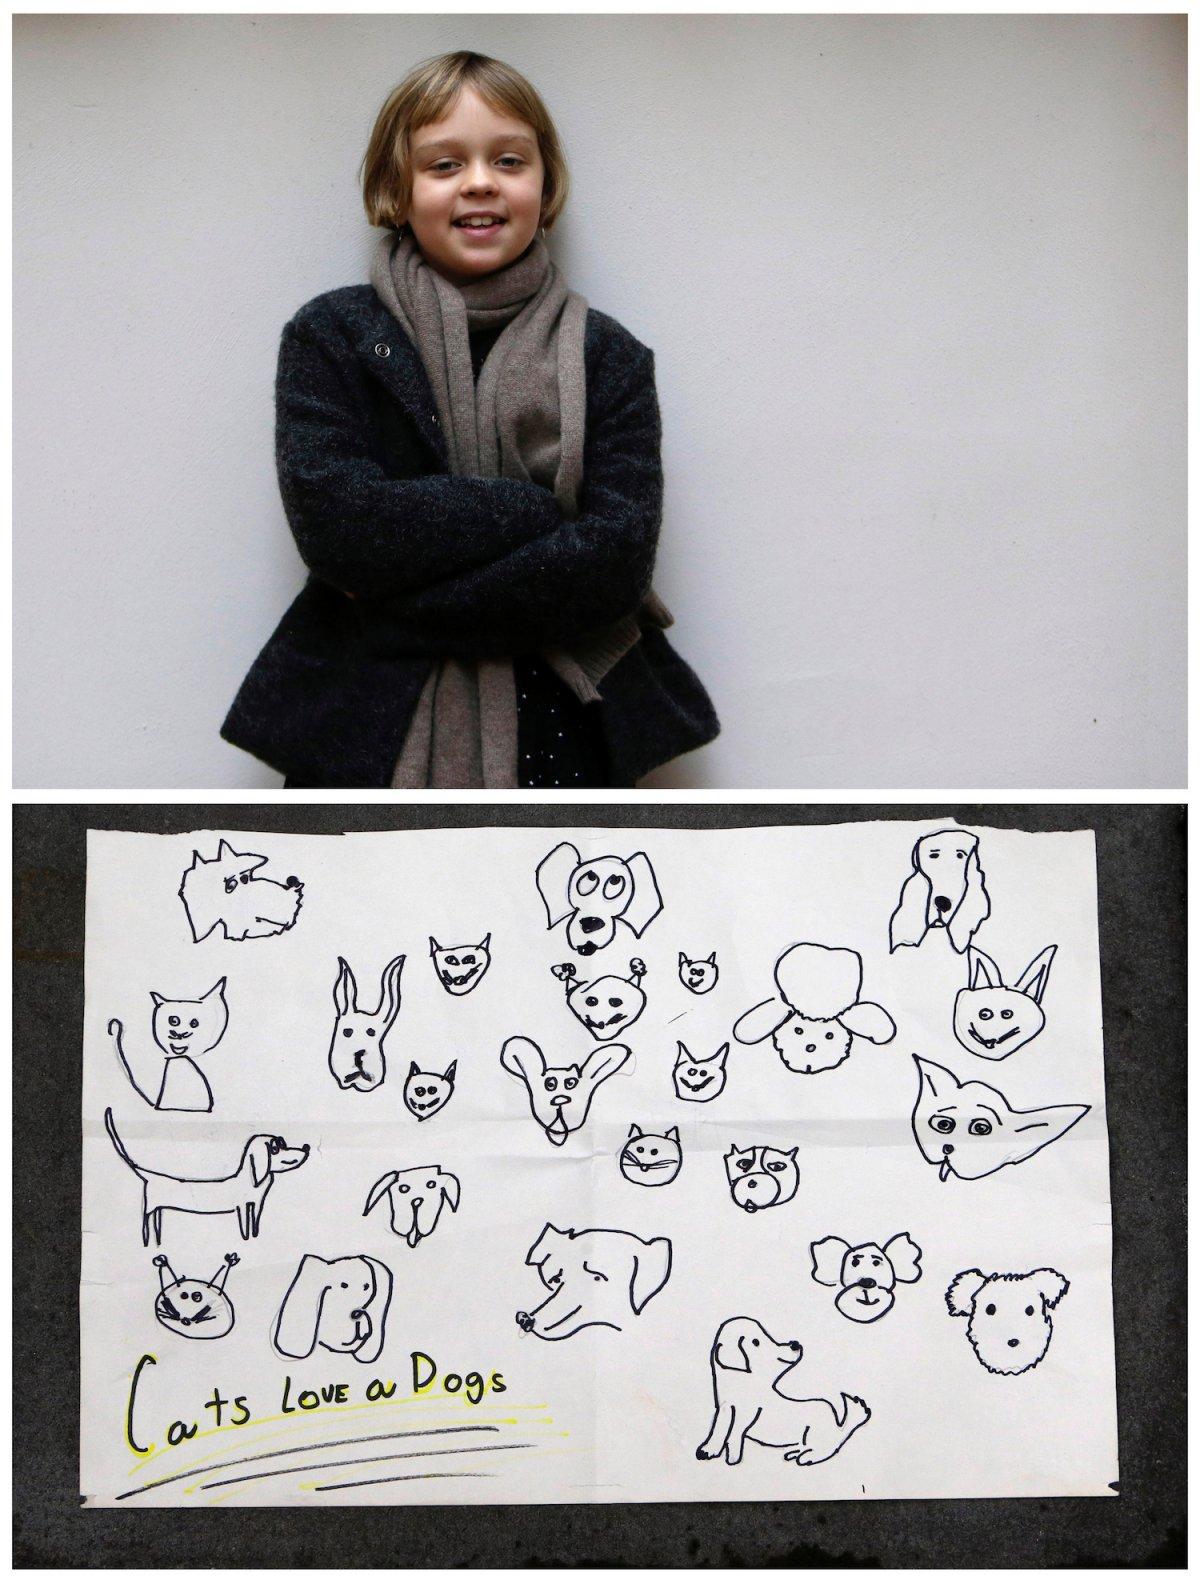 9. Восьмилетний Зофи из Праги мечтает, чтобы все кошки и собаки жили дружно.